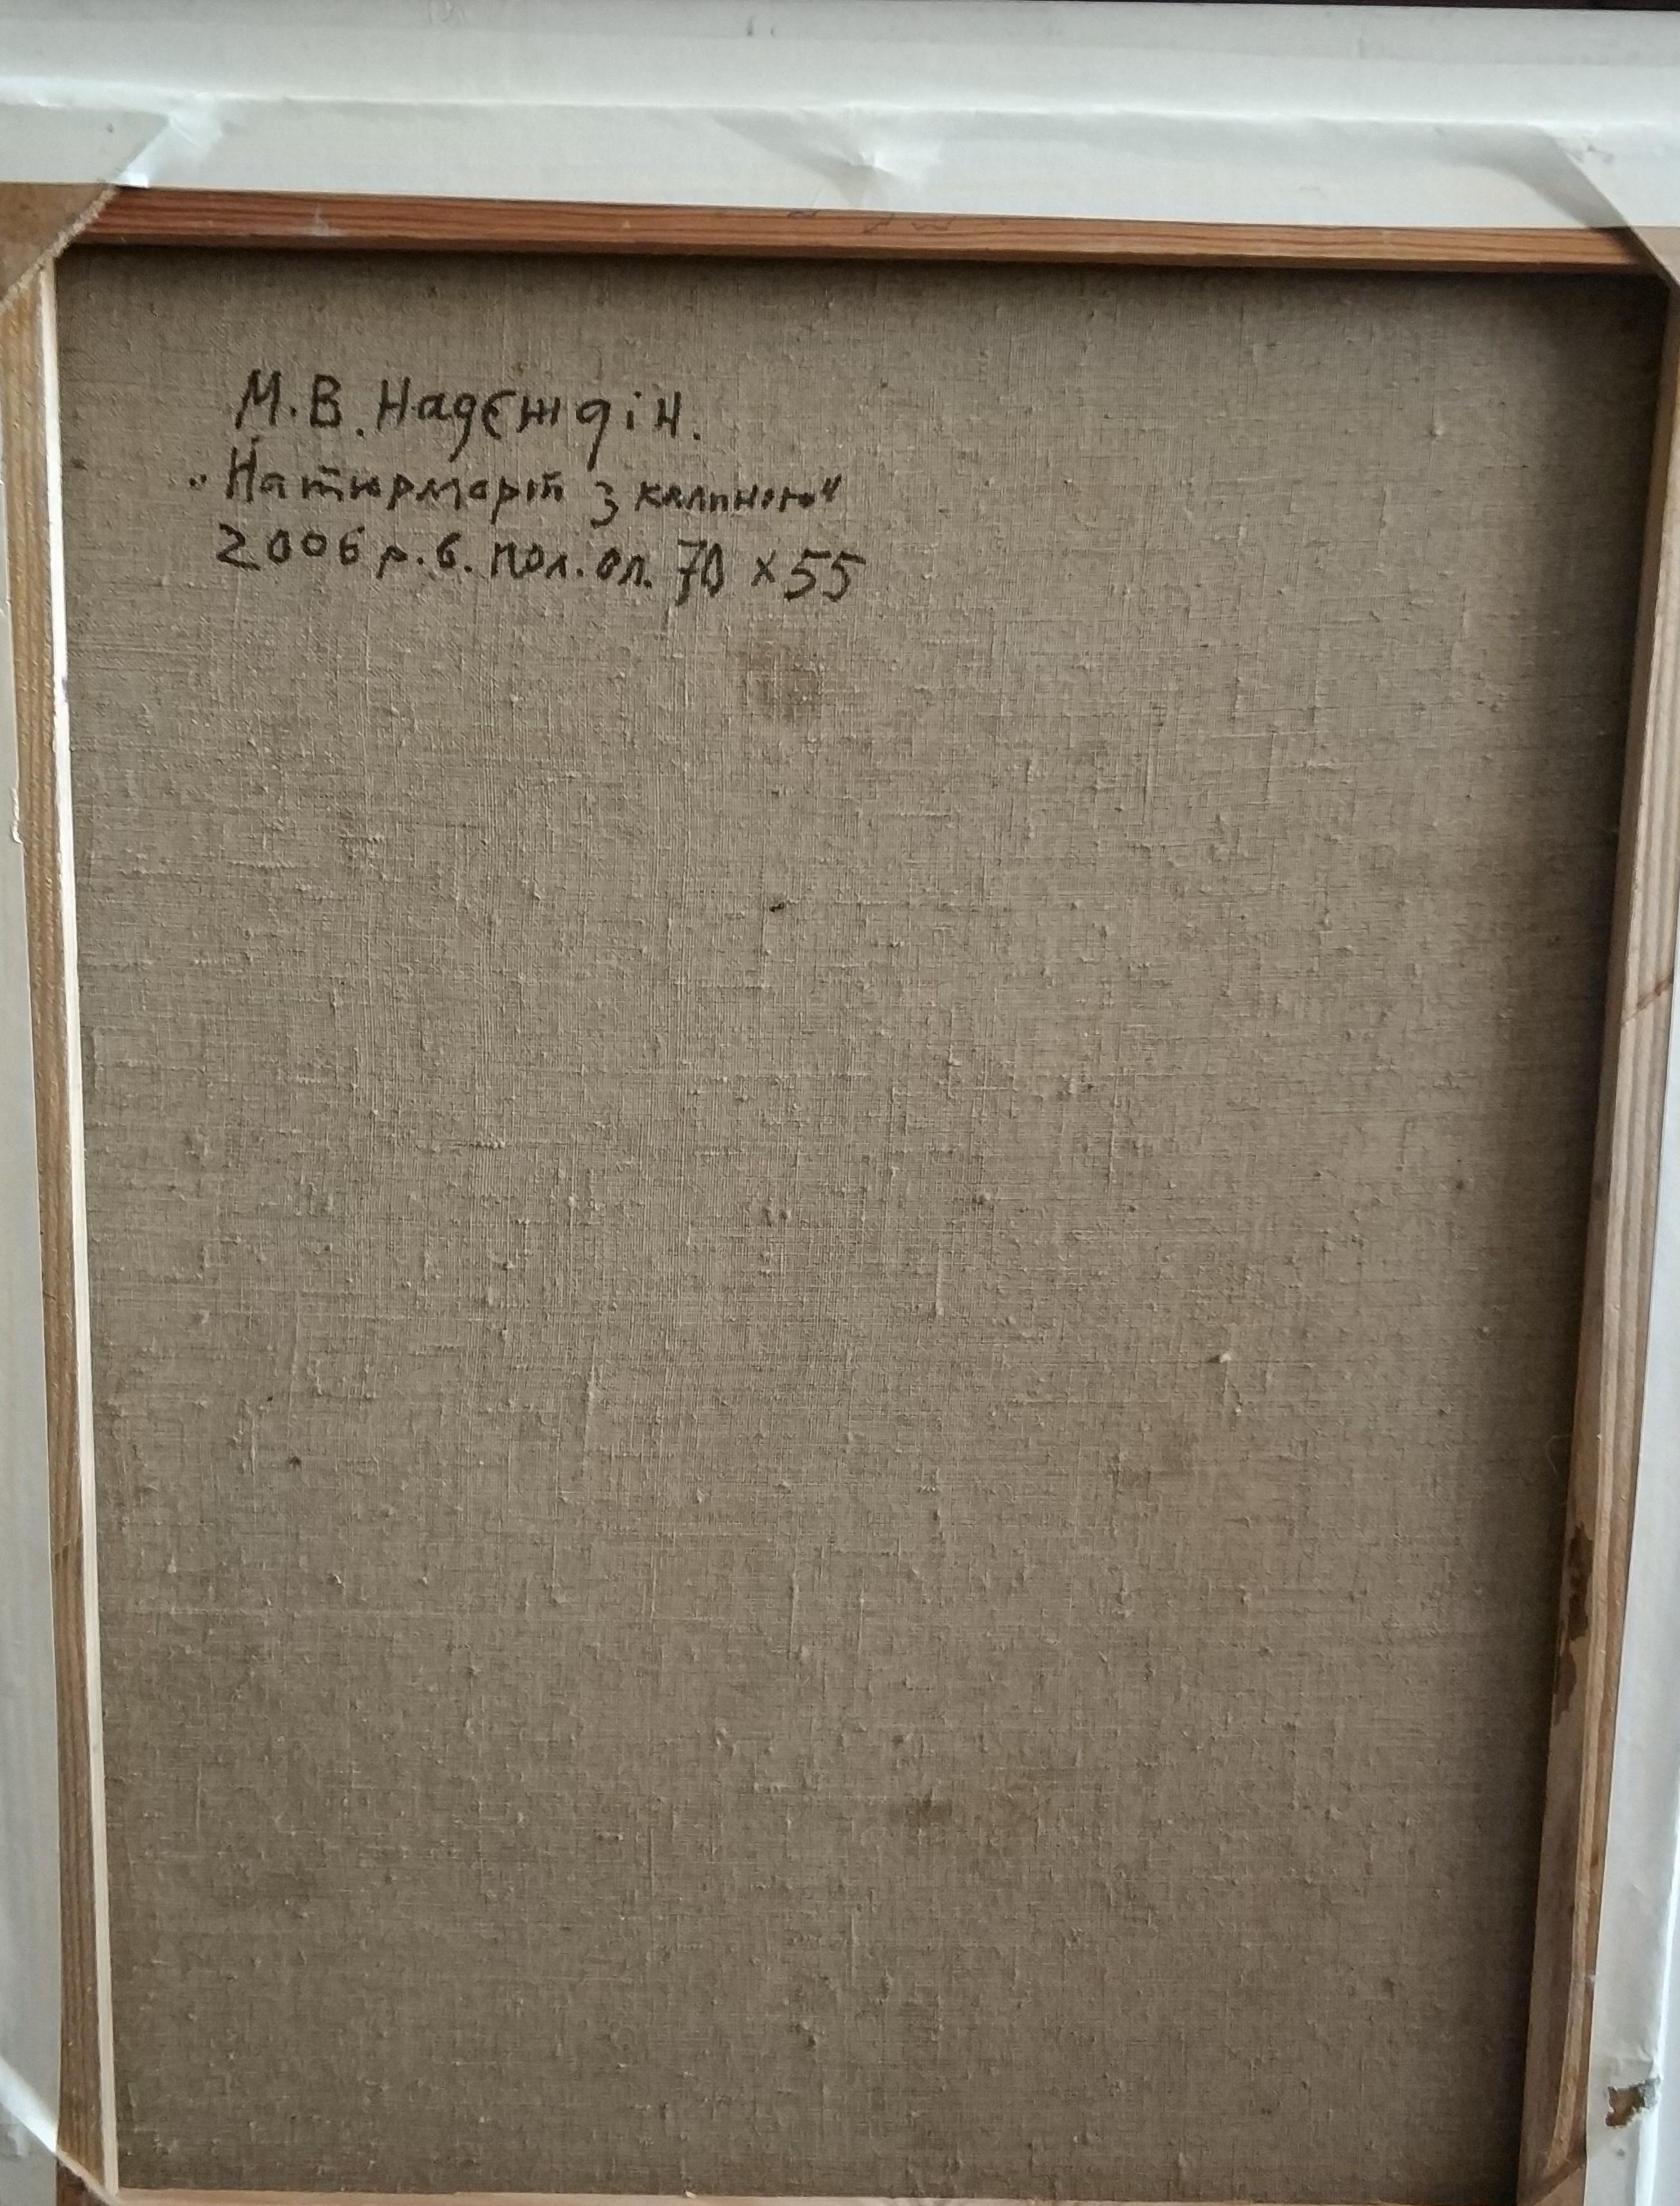 Натюрморт з калиною 70-55 см., холст, масло 2006 год  - 1